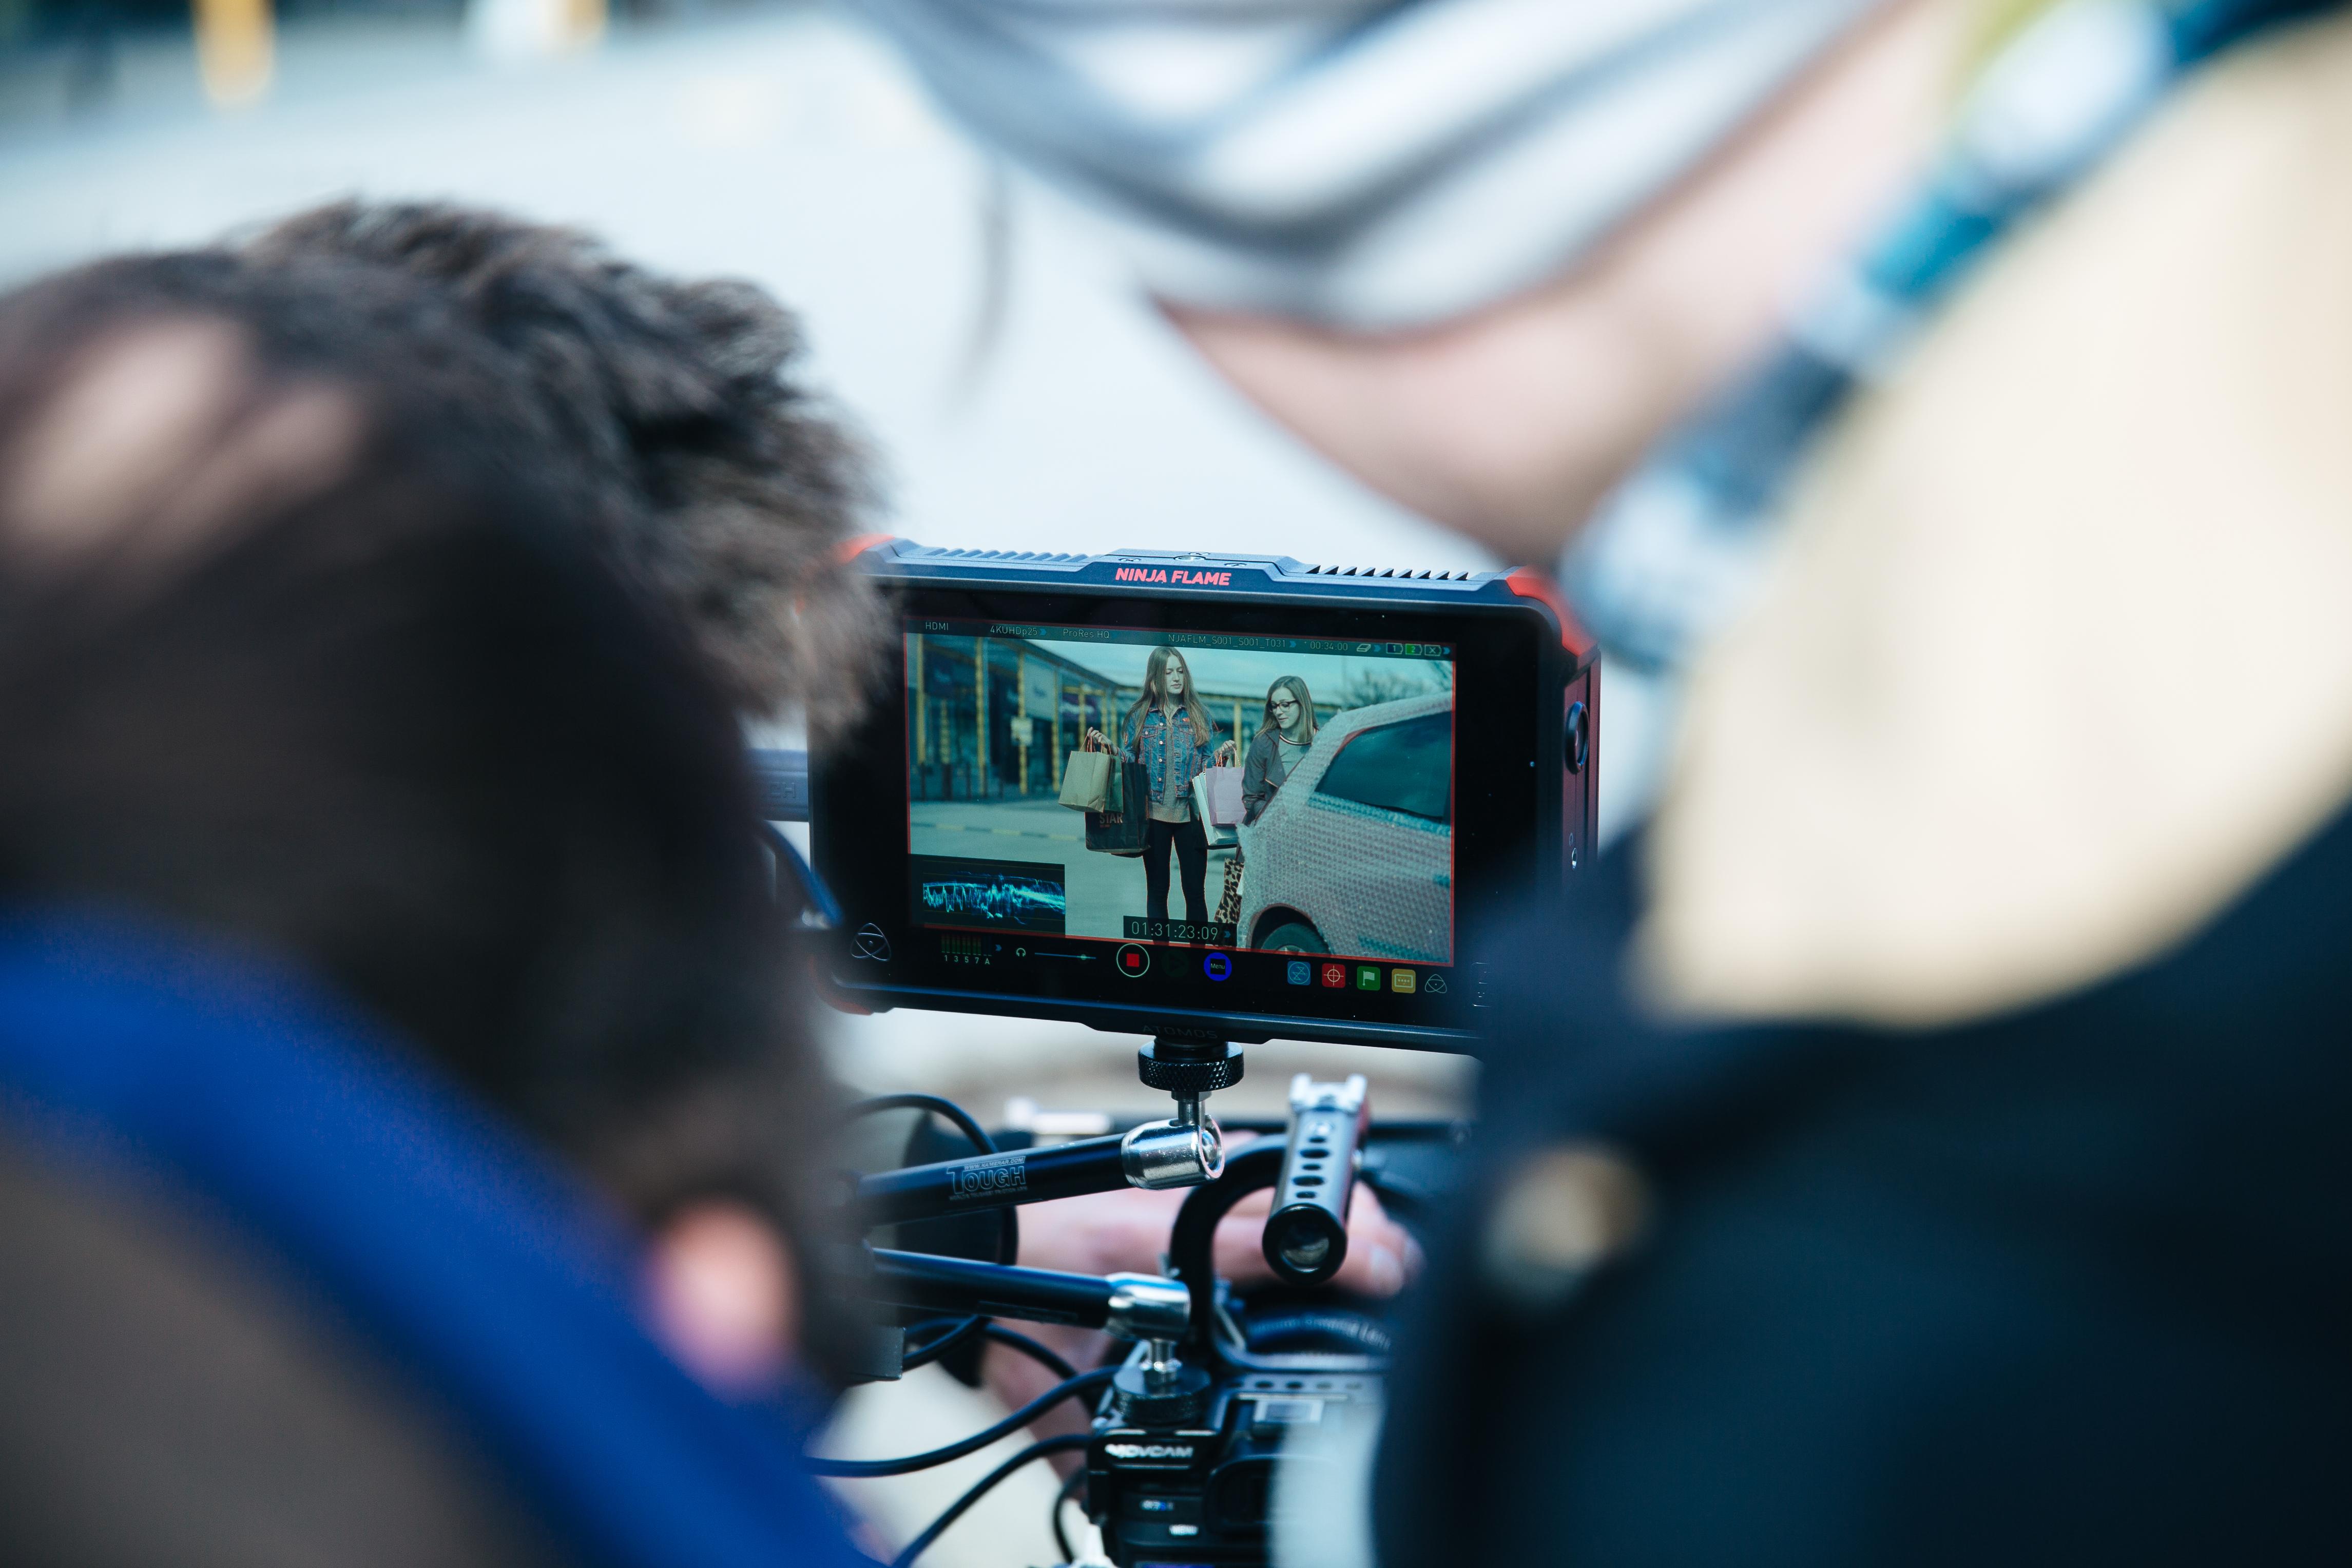 Ausschnitt eines Videodrehs am Bildschirm einer Kamera